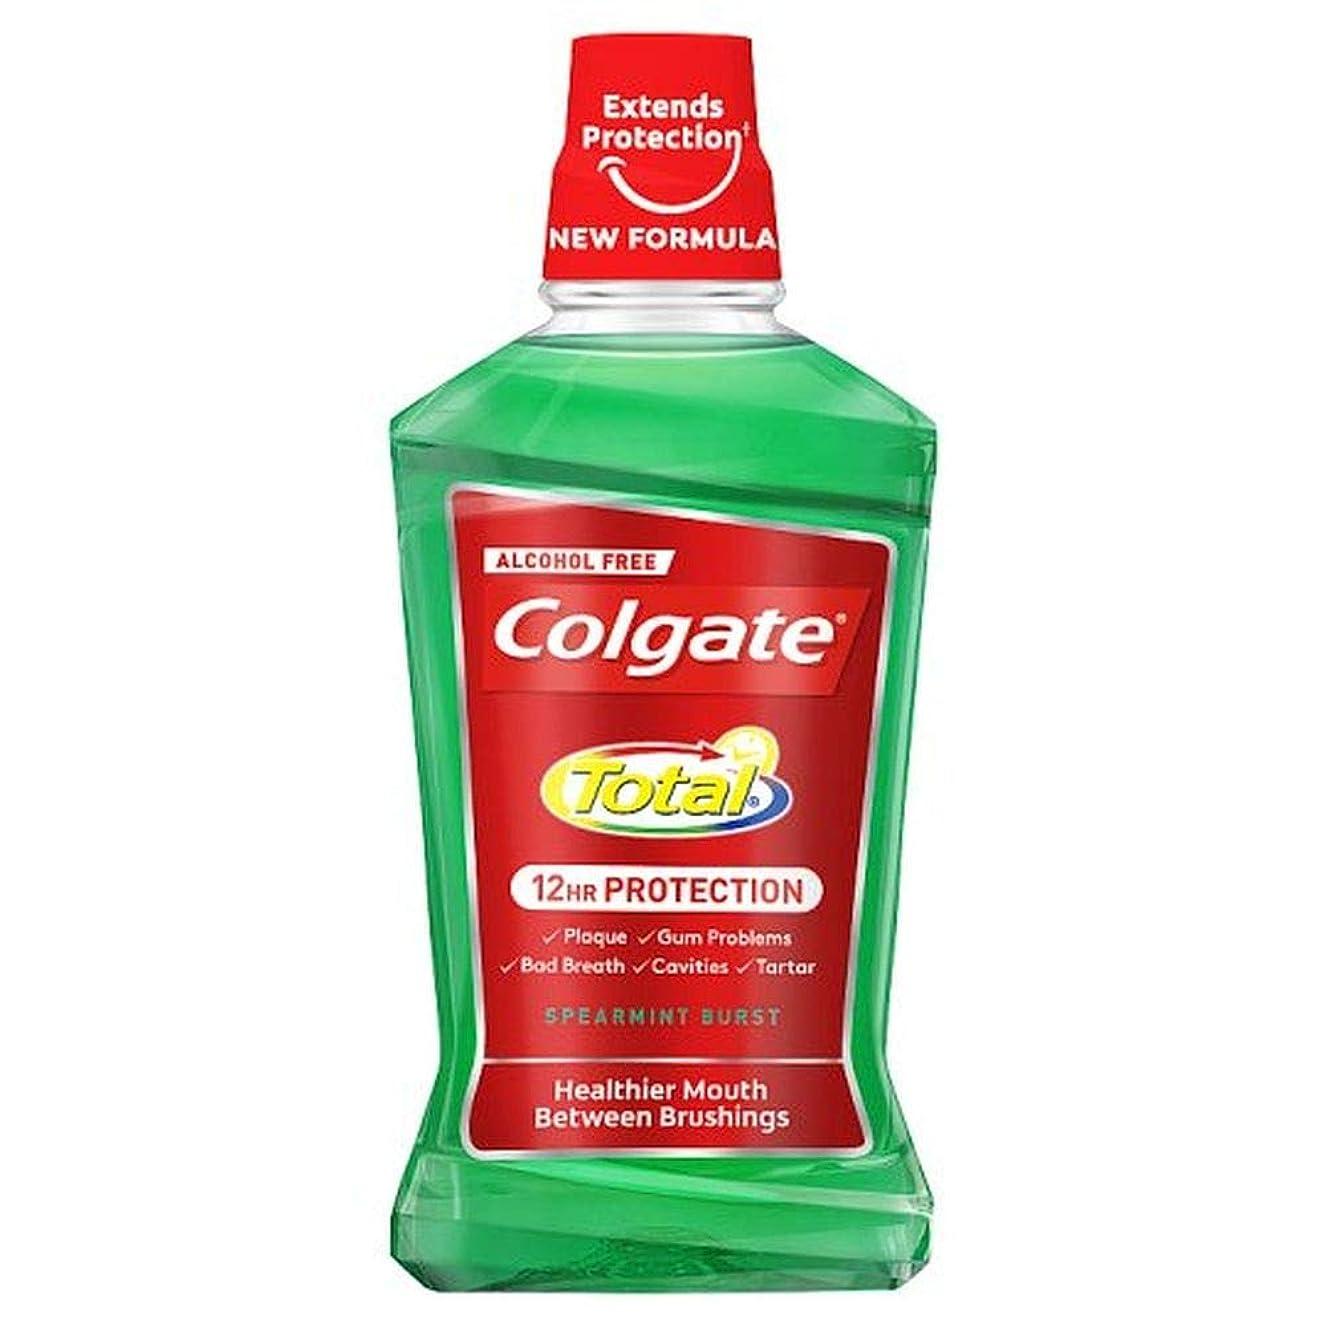 聴覚障害者愚かコミット[Colgate ] コルゲートトータル高度なスペアミントマウスウォッシュ500ミリリットル - Colgate Total Advanced Spearmint Mouthwash 500Ml [並行輸入品]